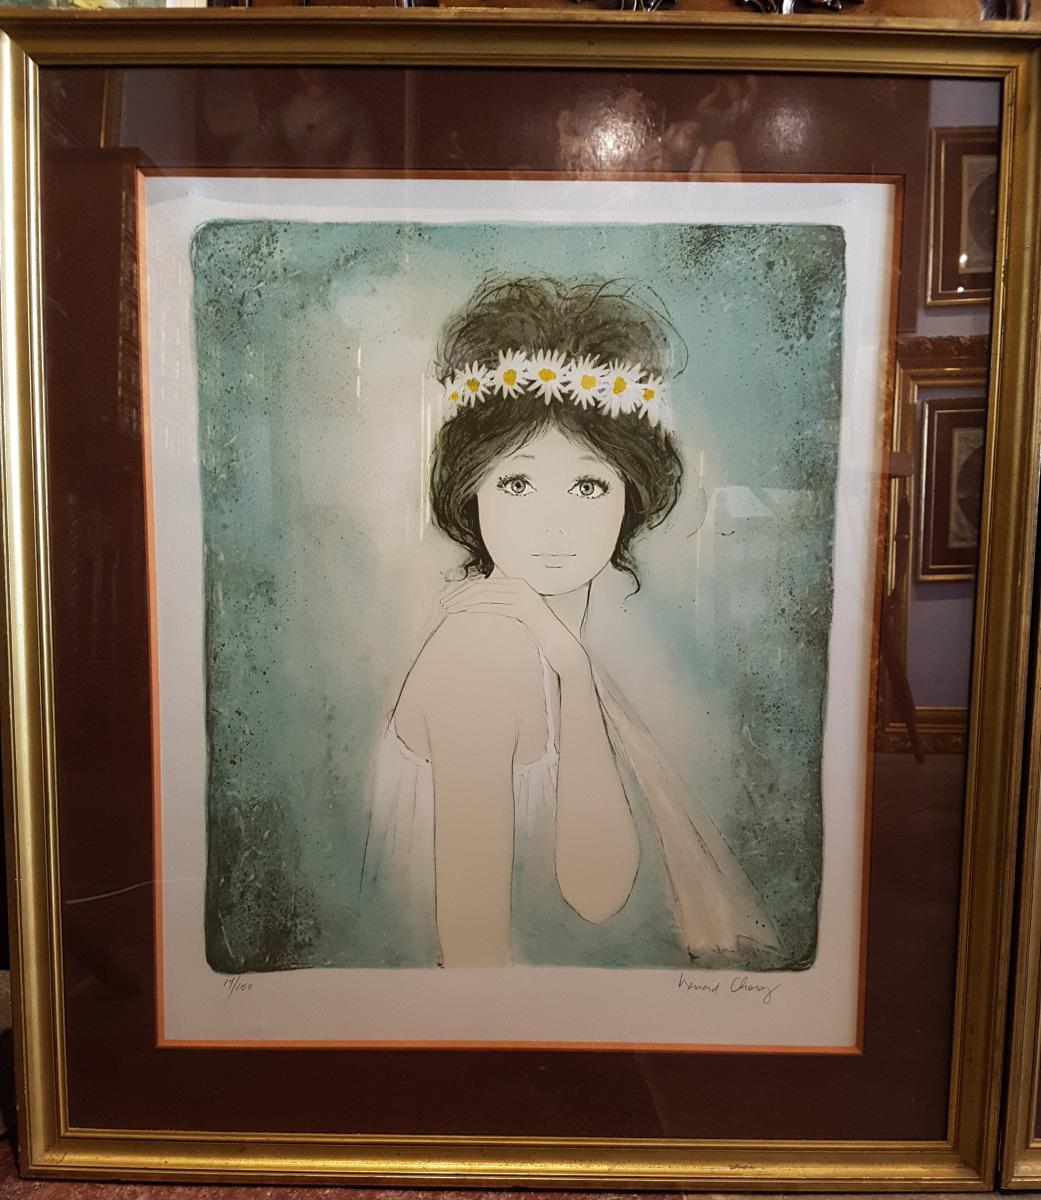 Paire De Lithographies Bernard Charoy, Portrait Femme.(71cmx80cm)-photo-2